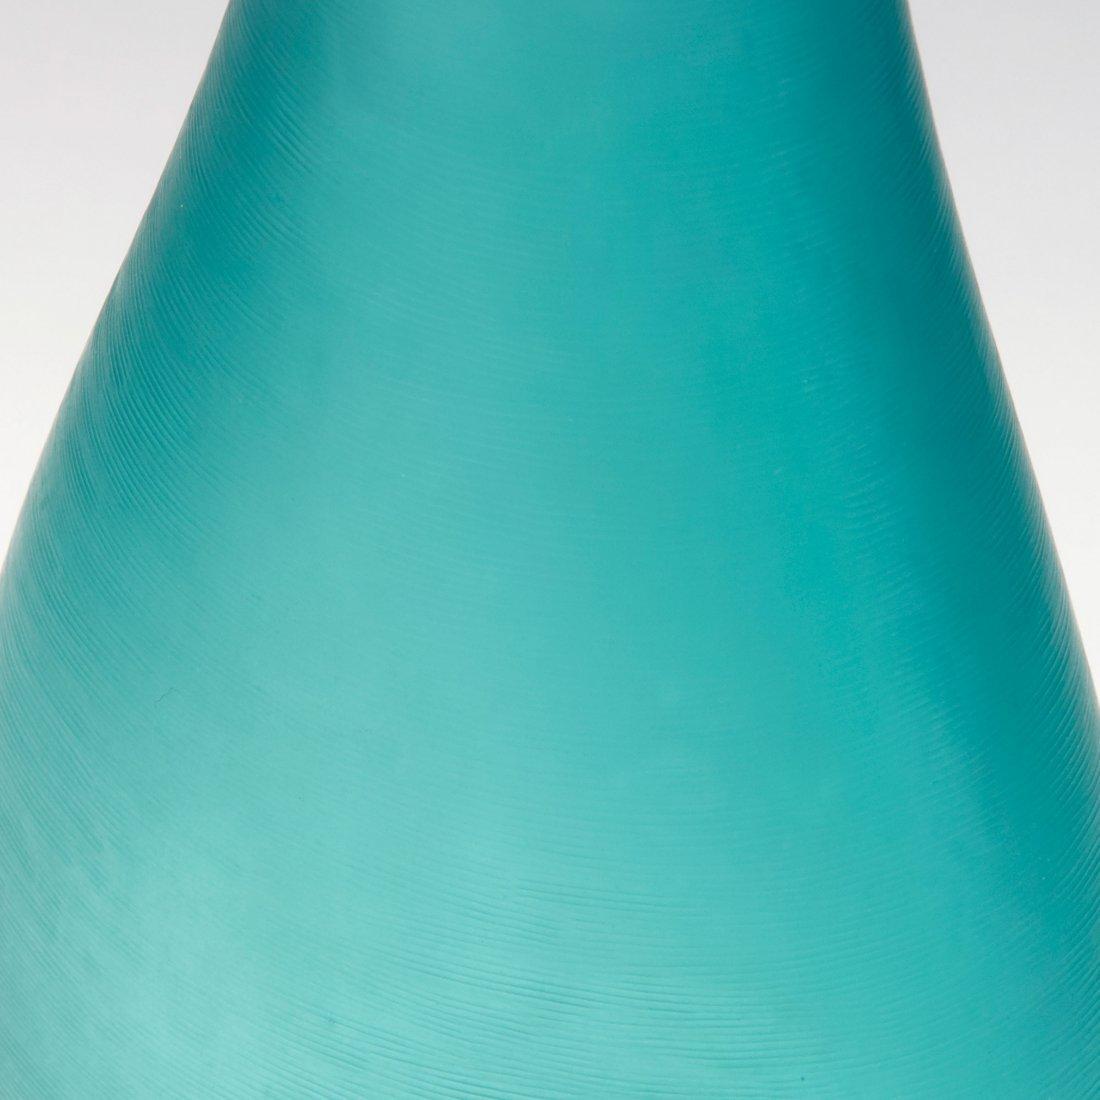 'Inciso' vase, 1956 - 2